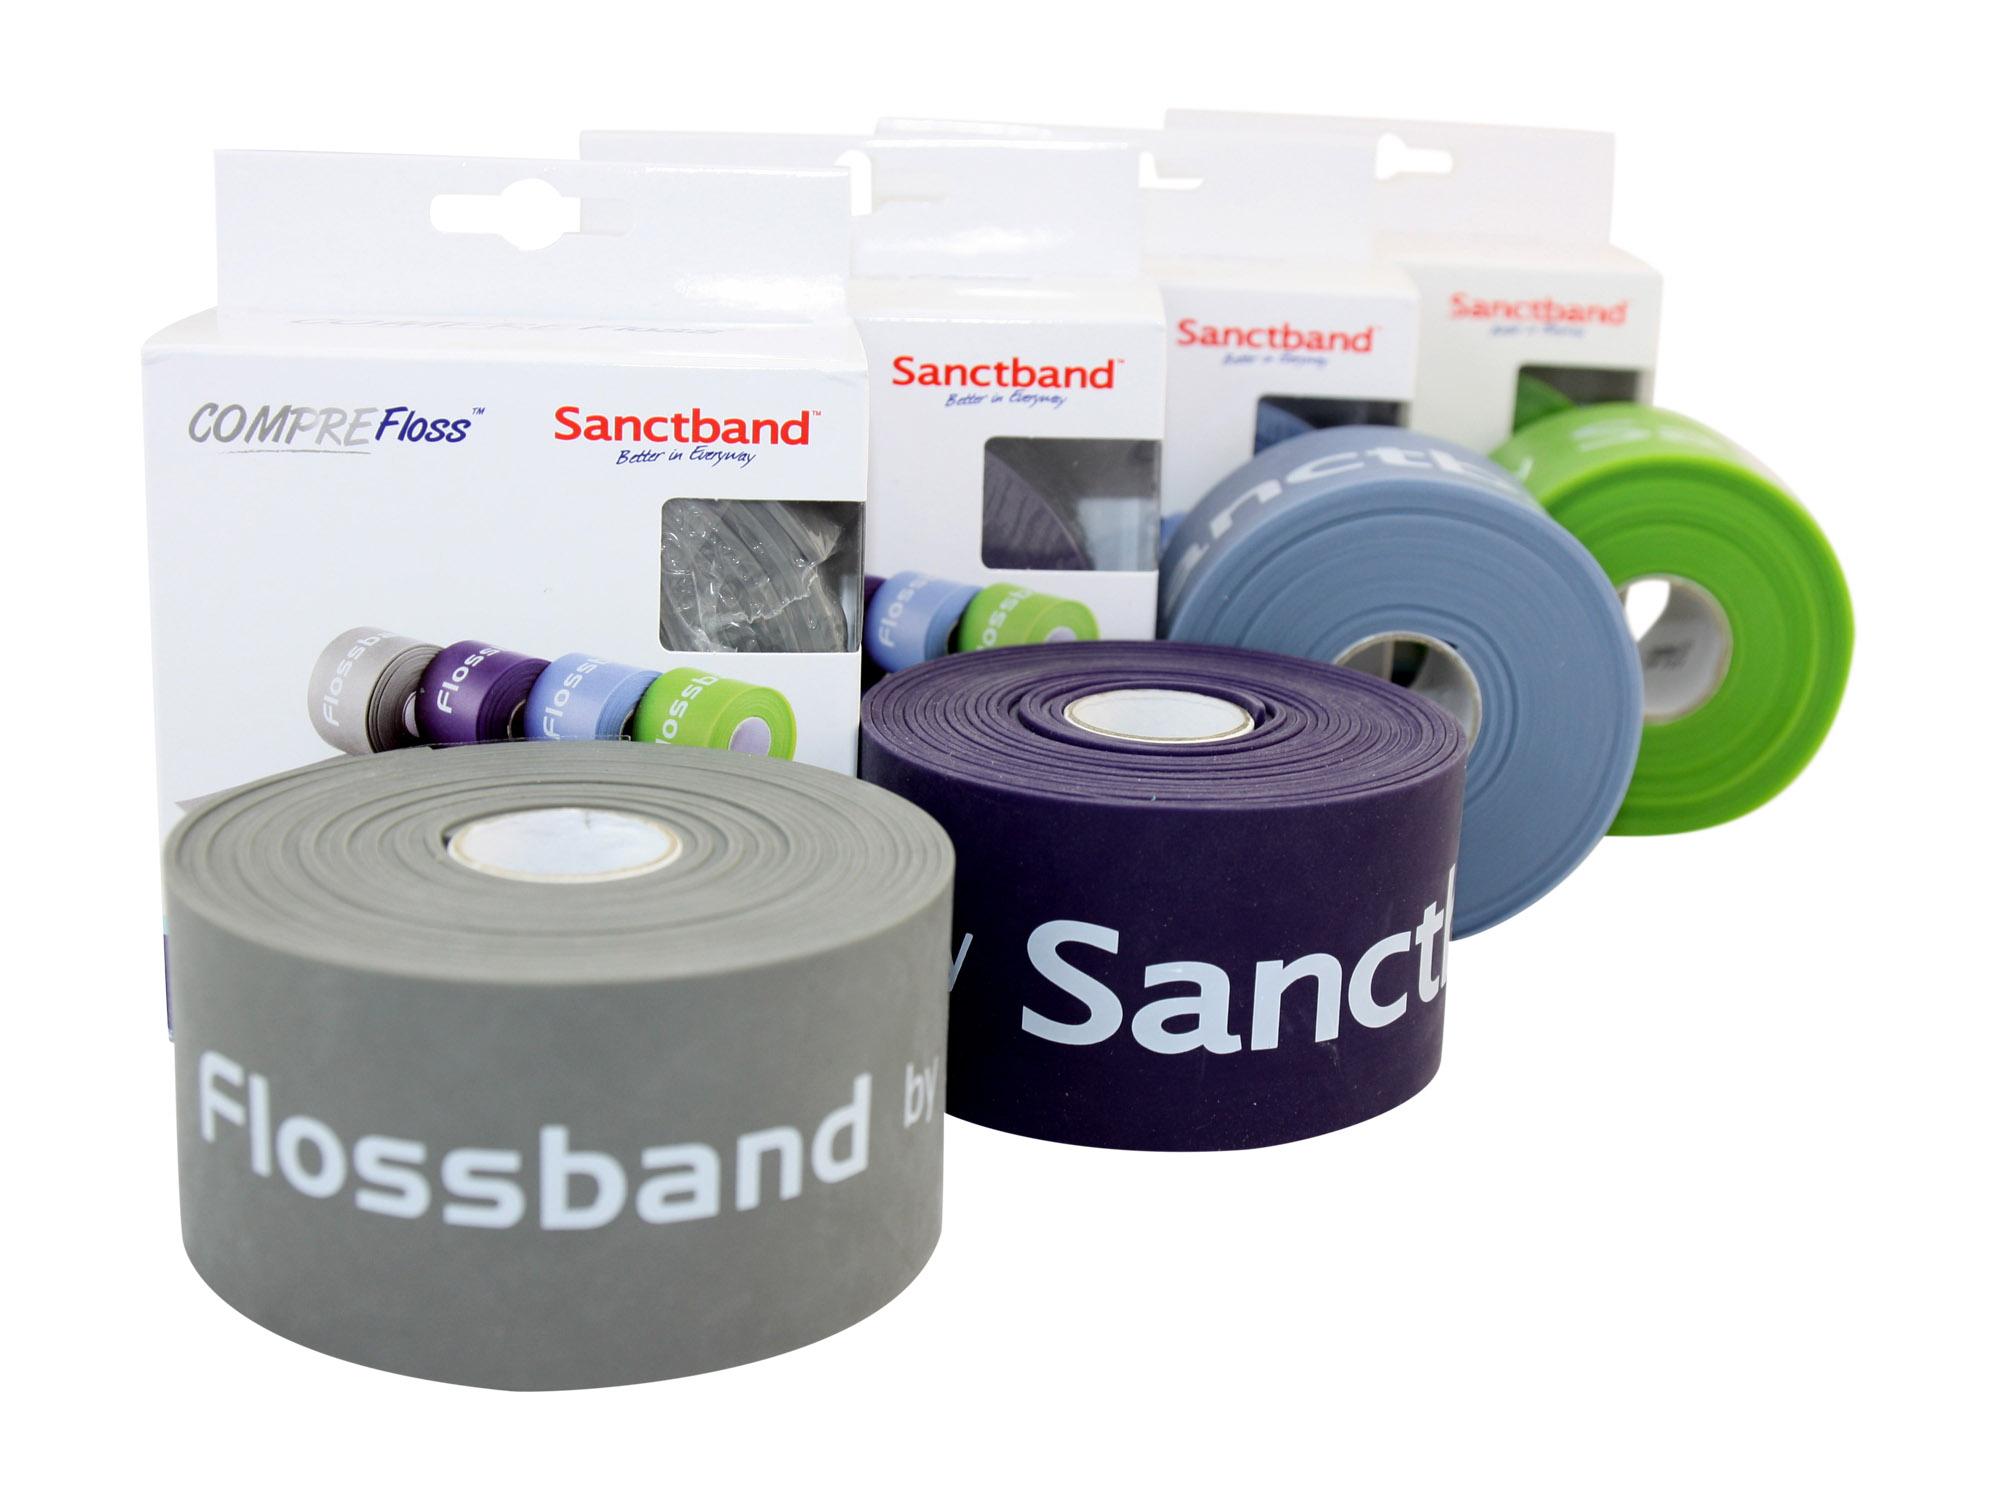 4er Set extra lang 3,5 Sanctband Flossband Comprefloss mit allen vier Stärken